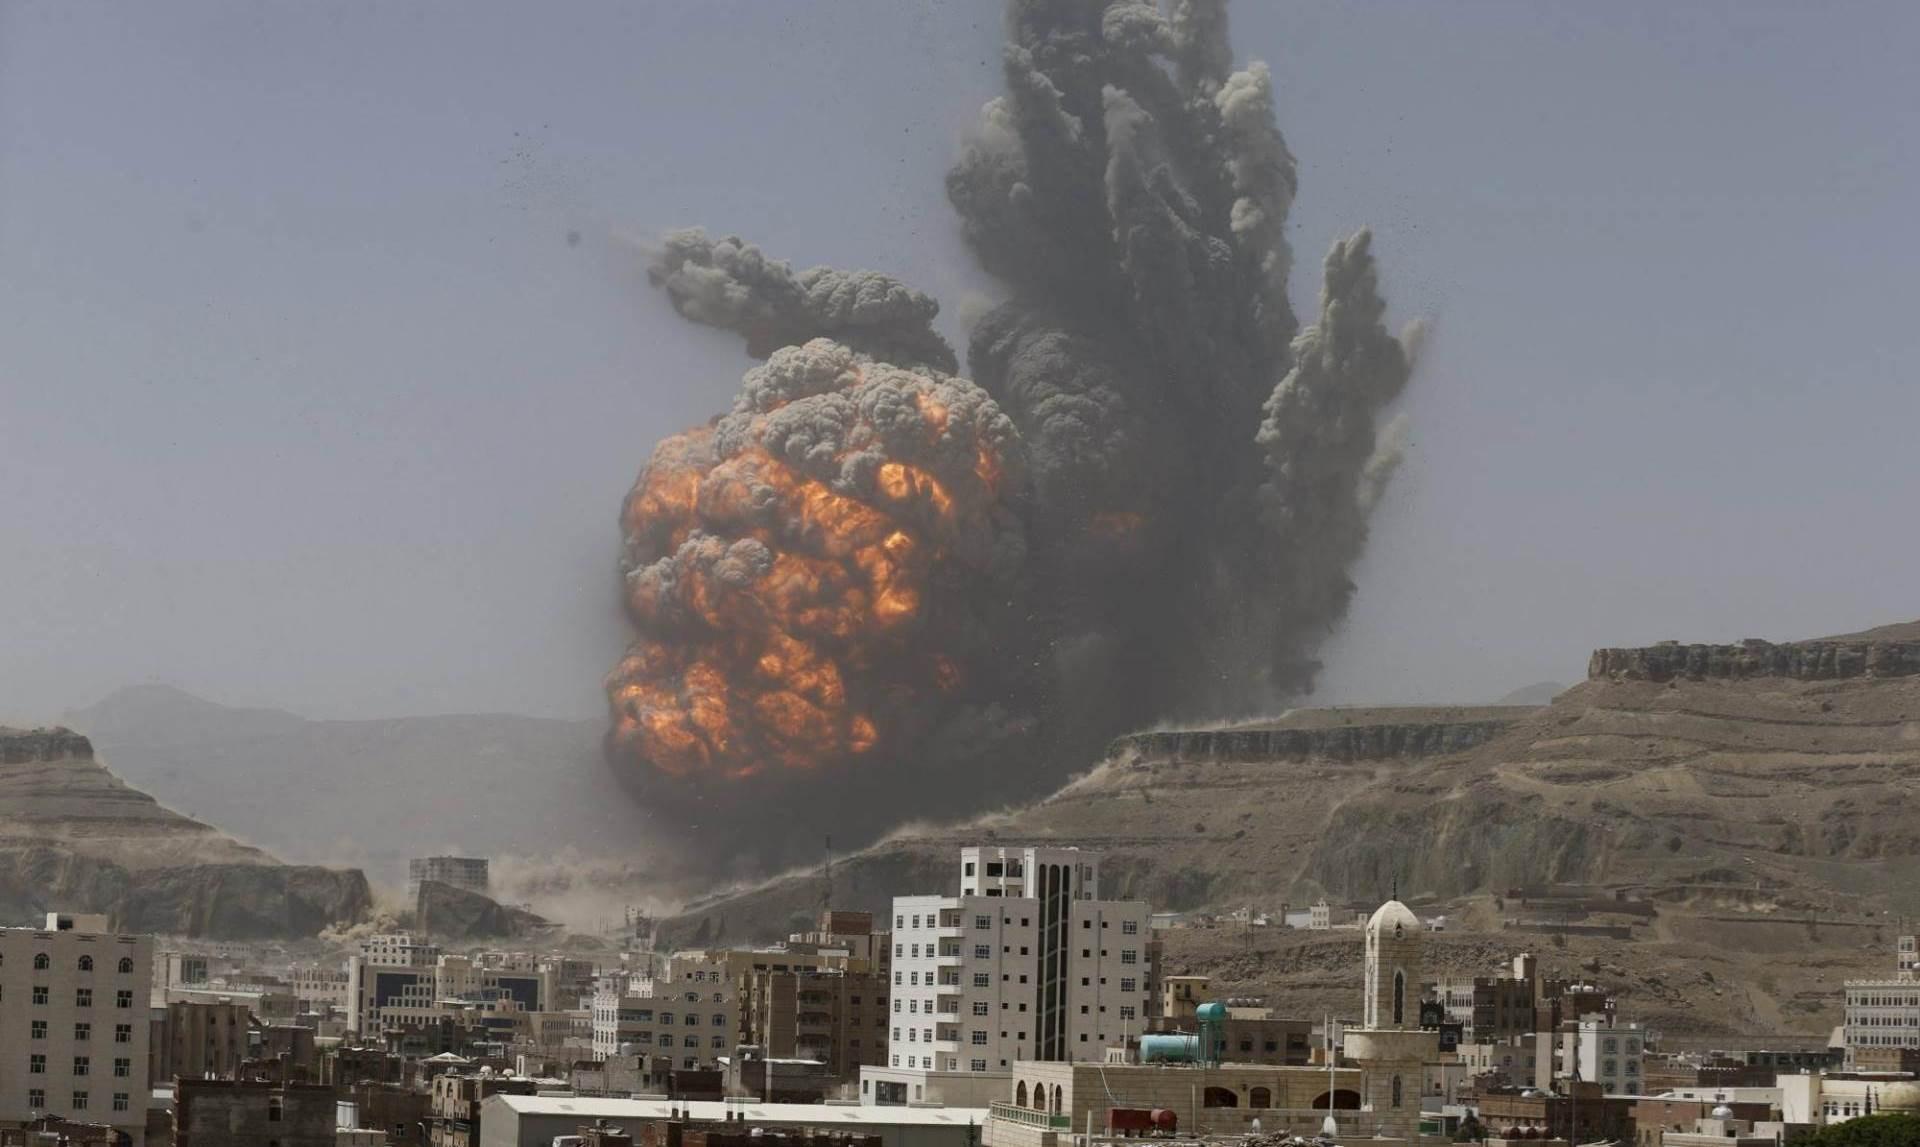 اليمن: استمرار المواجهات... وخروقات التحالف السعودي إلى ازدياد